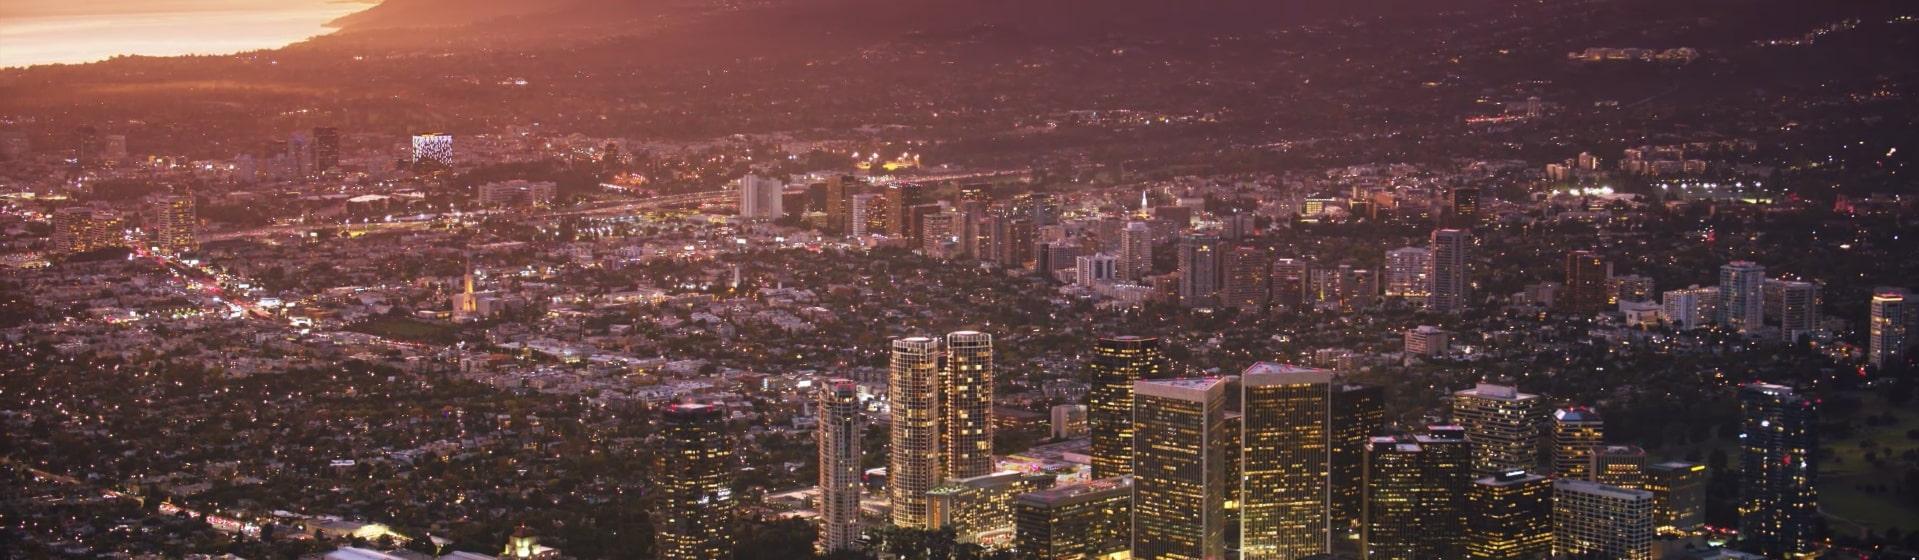 LA sunset aerial